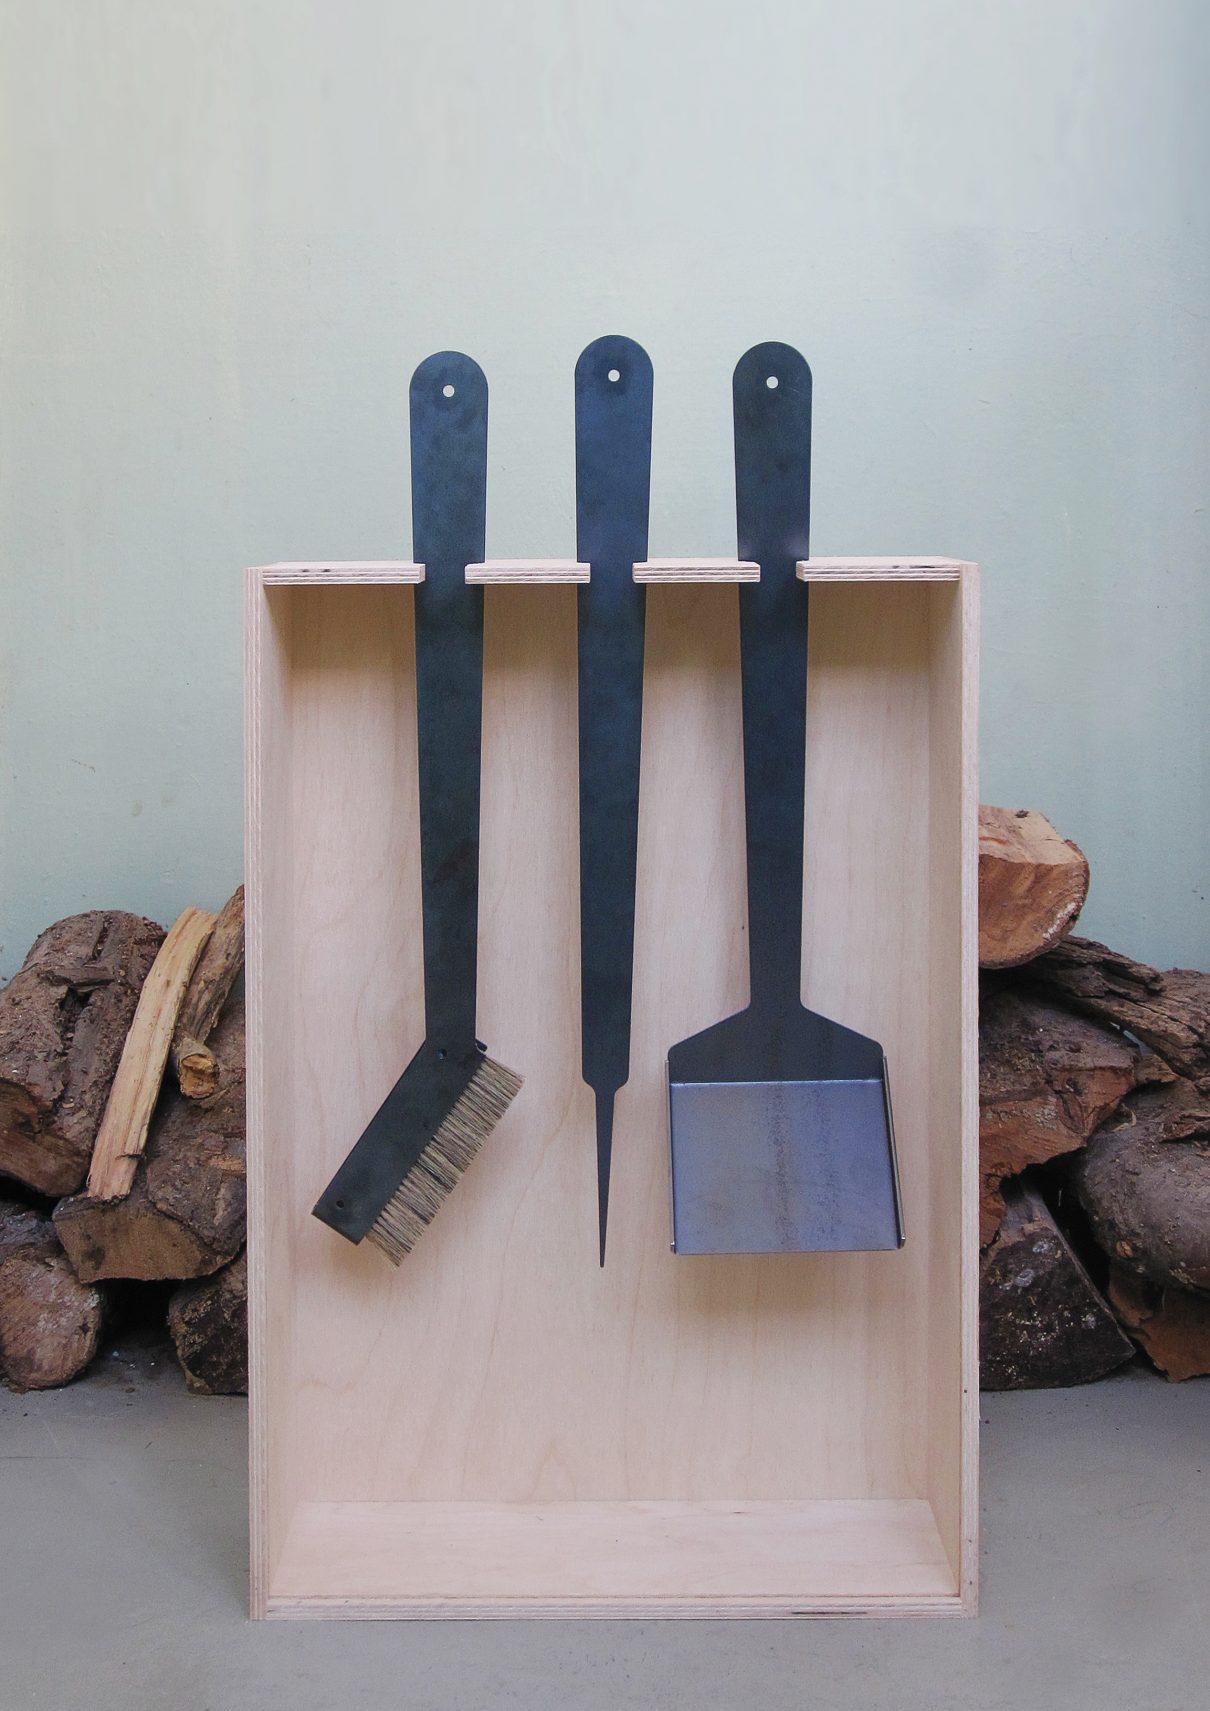 Sensuele en stoere Fire tools